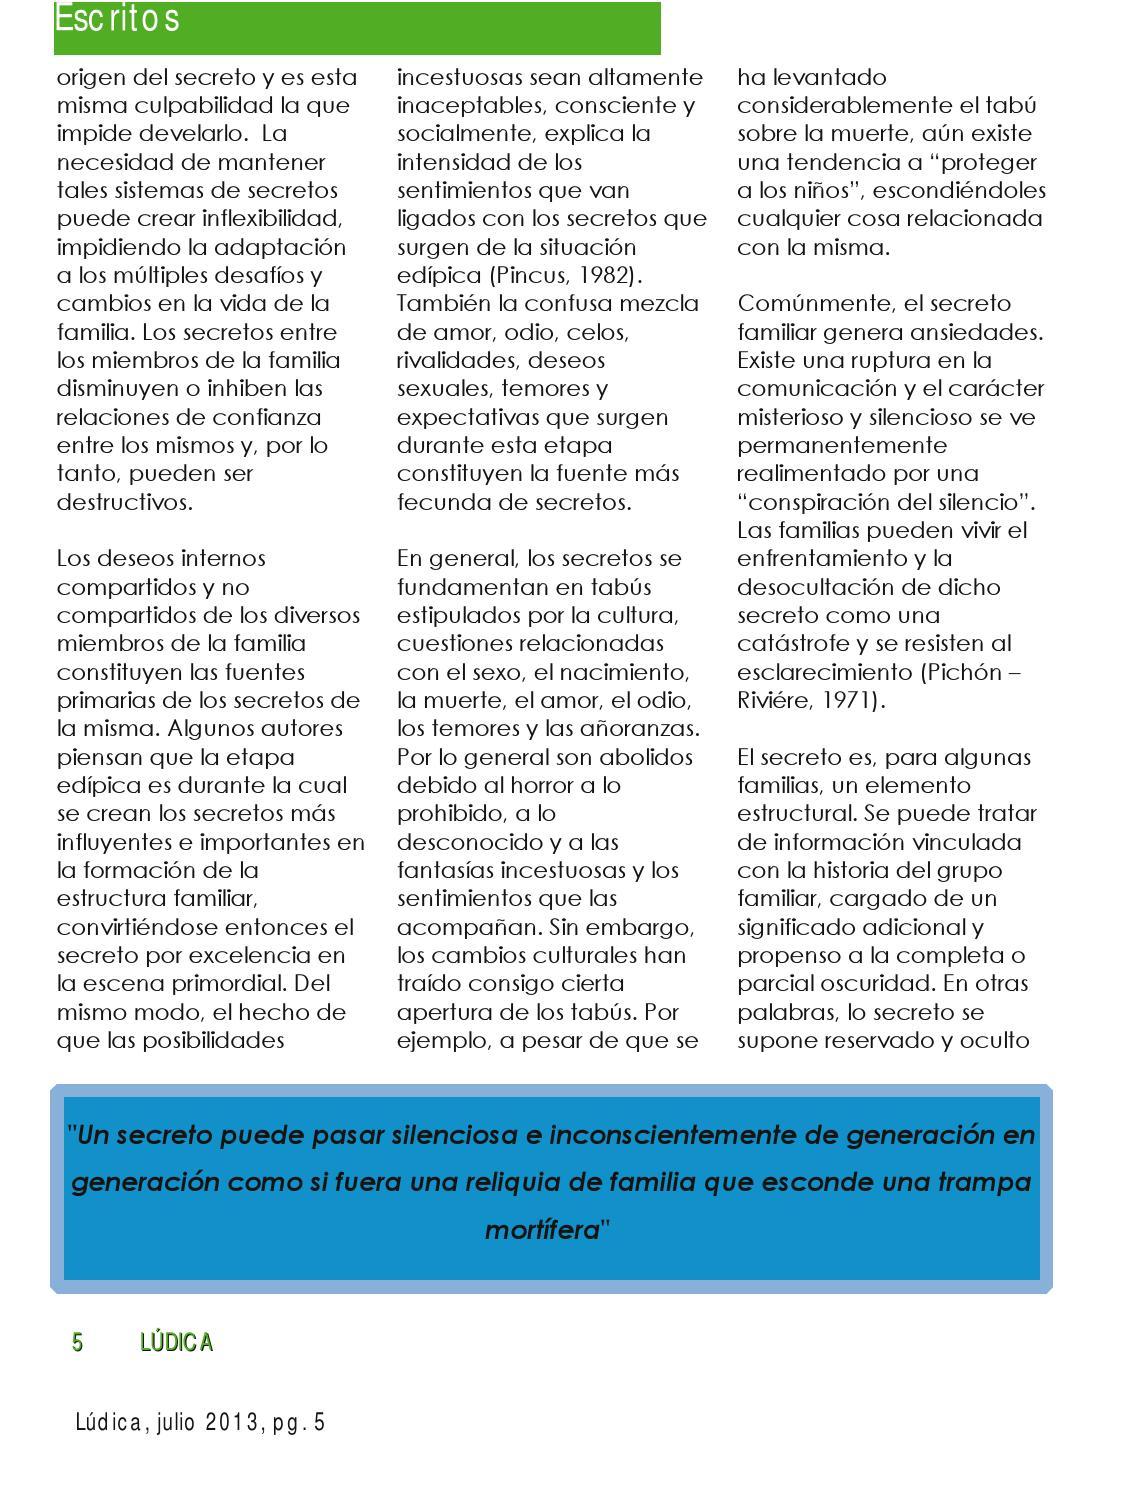 Revista Lúdica 7a Edición By Revista Lúdica Issuu